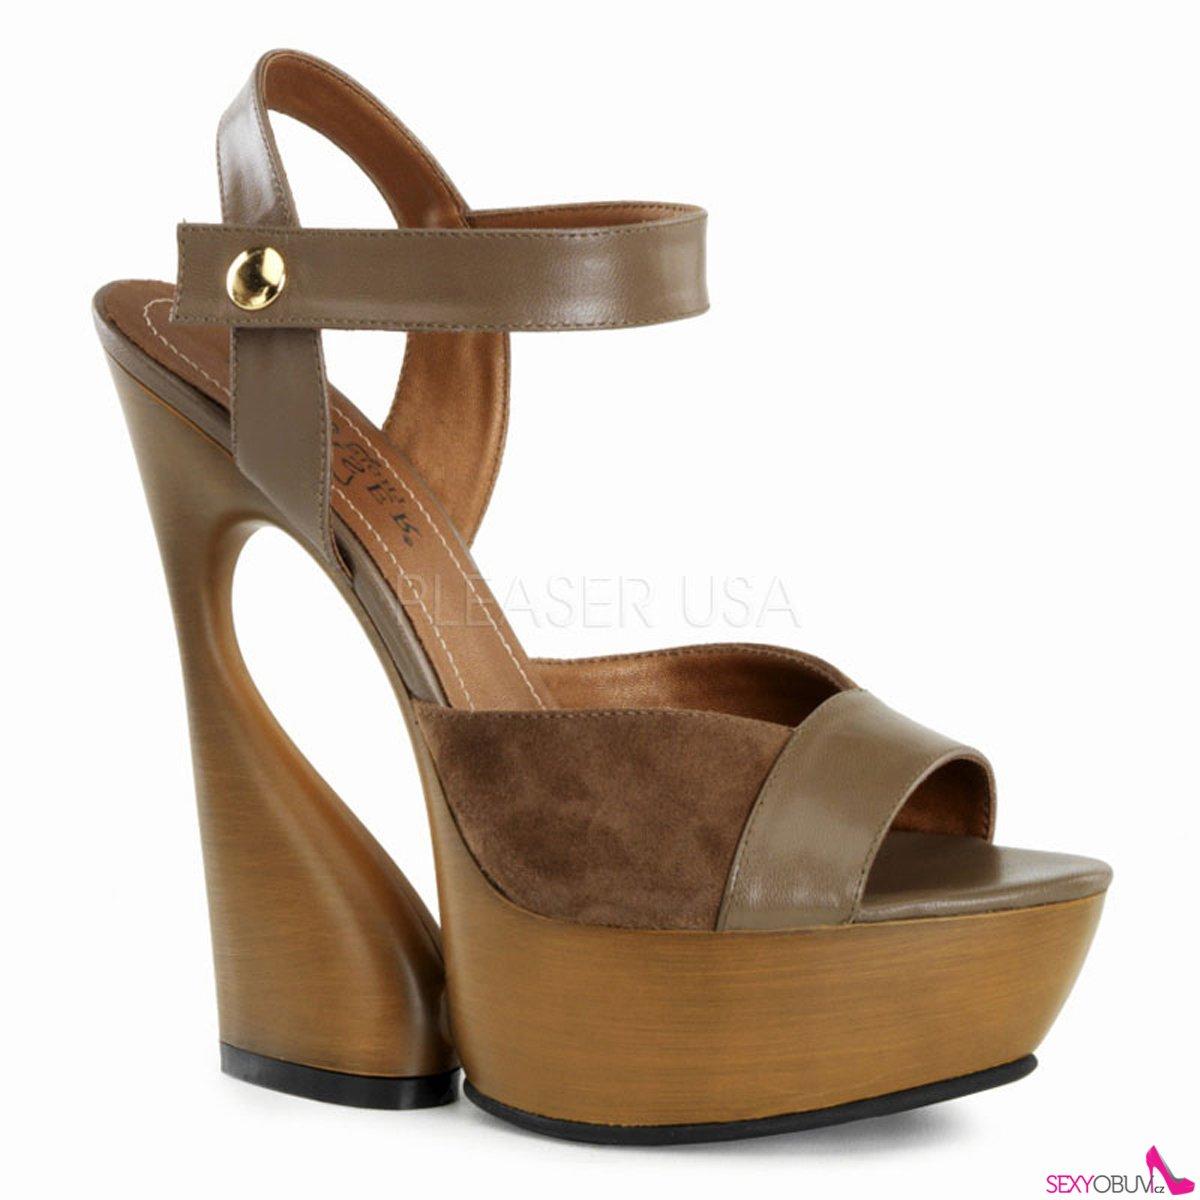 24102963863 SWAN-612 Moderní hnědé kožené boty na klínkovém podpatku